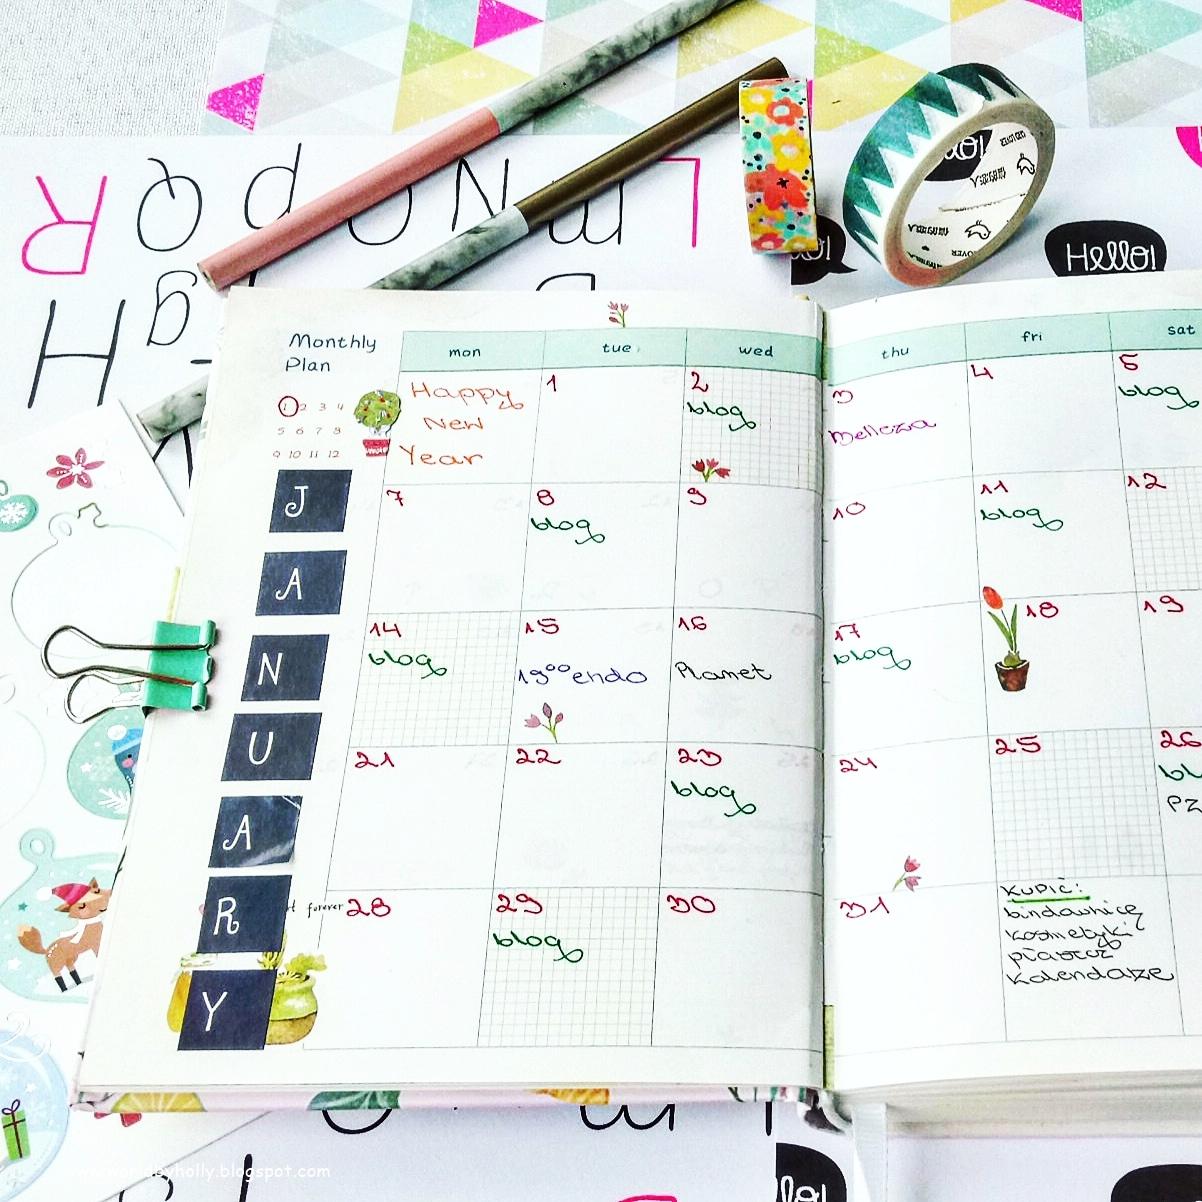 jak prowadzić planner, powody dla których warto prowadzić planner, jak dekorować planner, jakie dodatki do plannera używać, planner, bujo